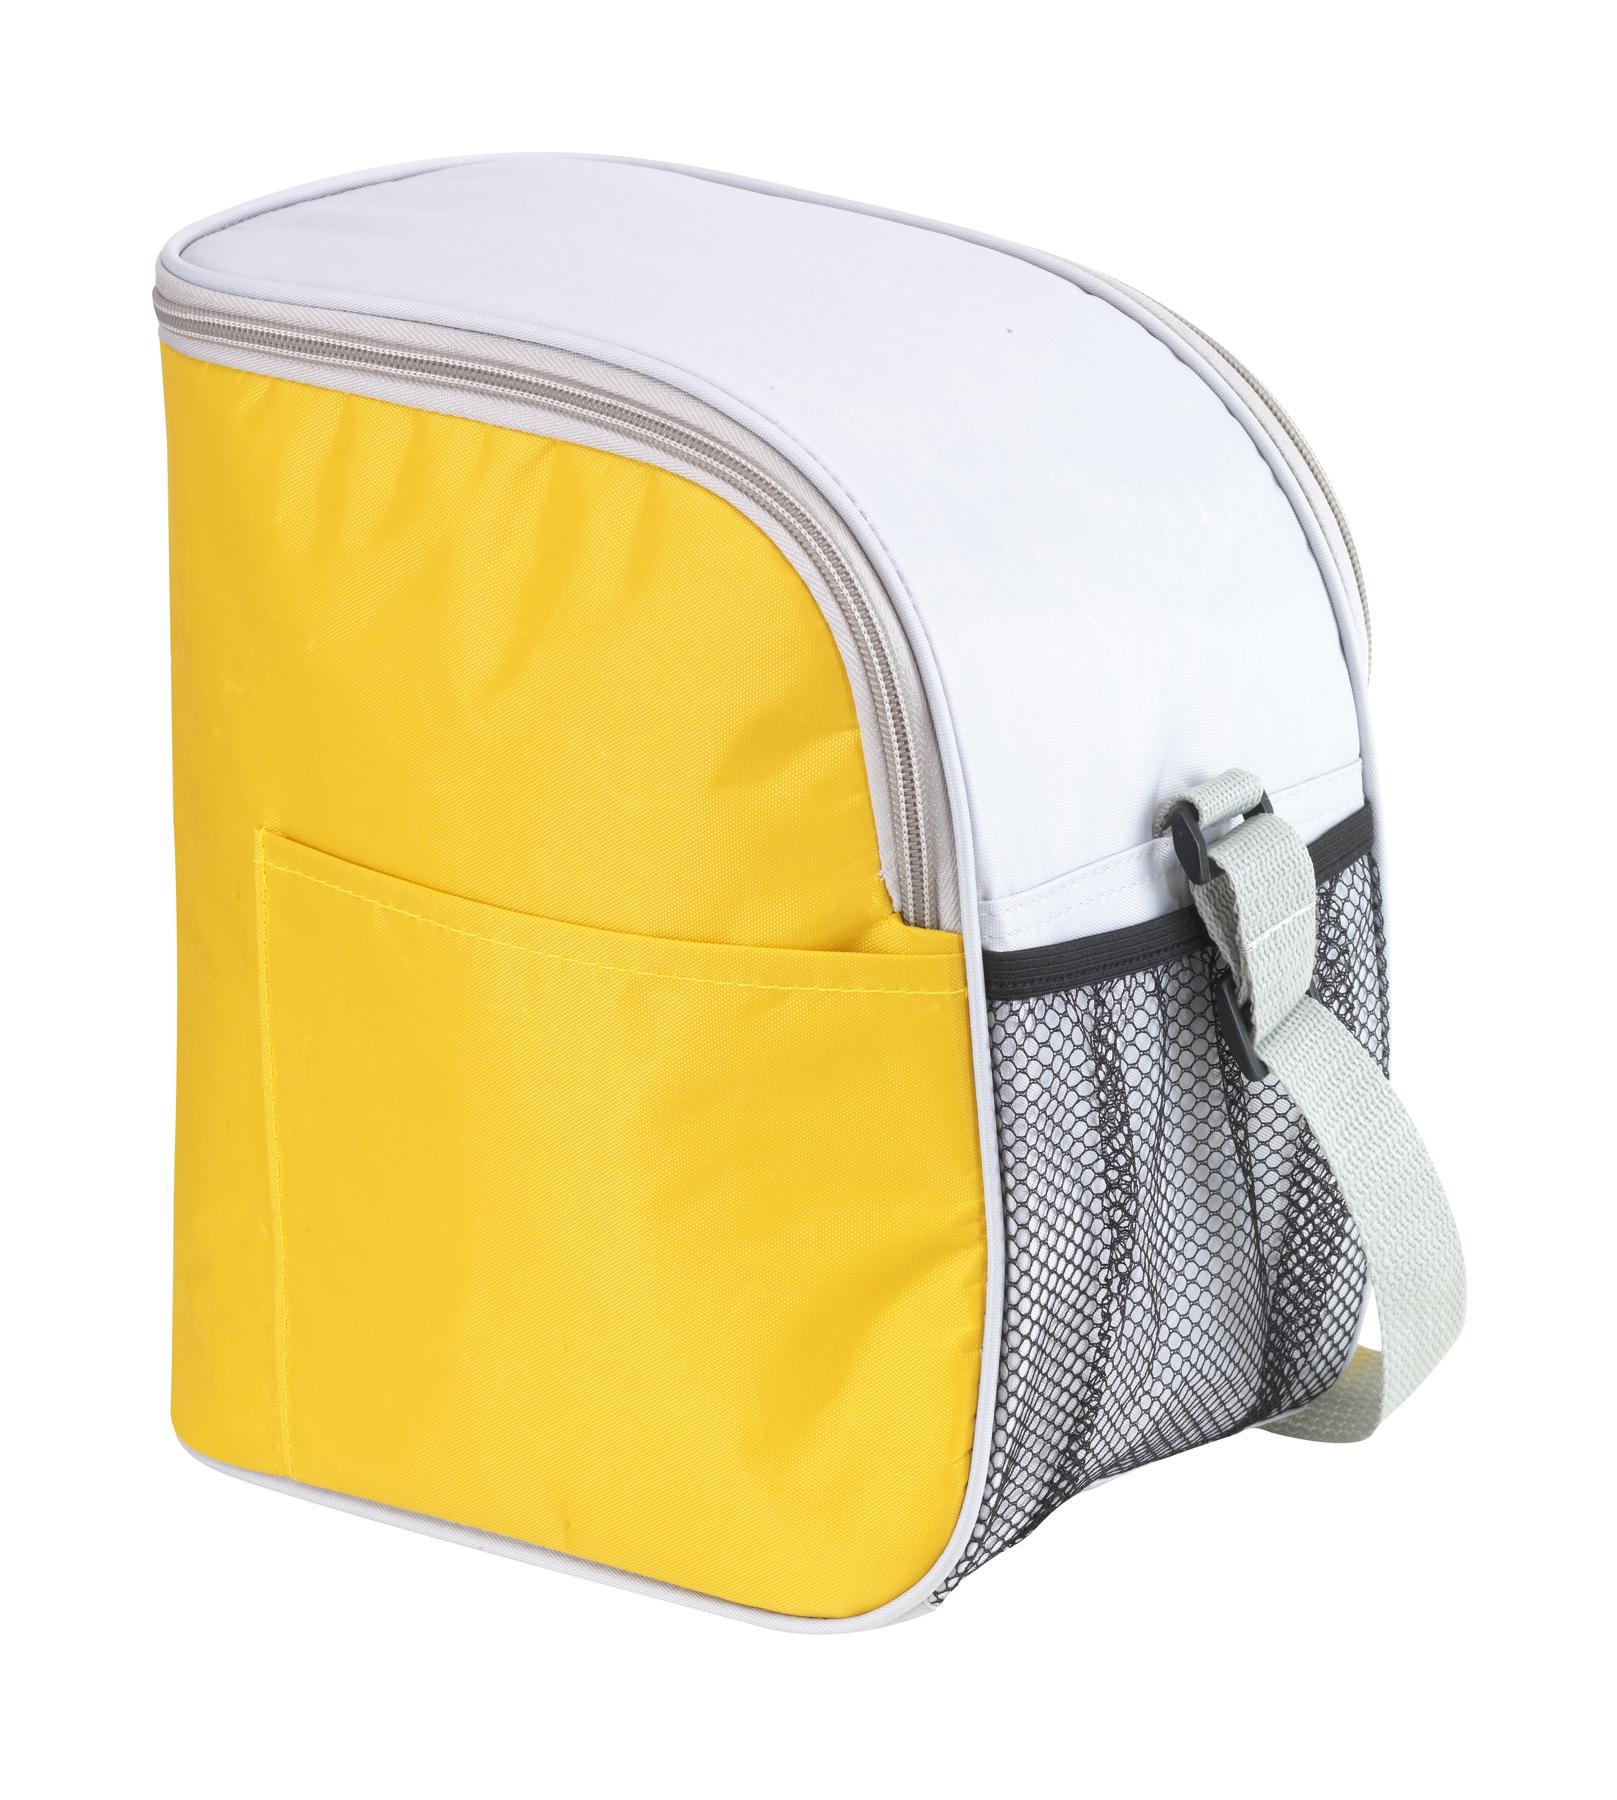 Torba izotermiczna GLACIAL, żółty